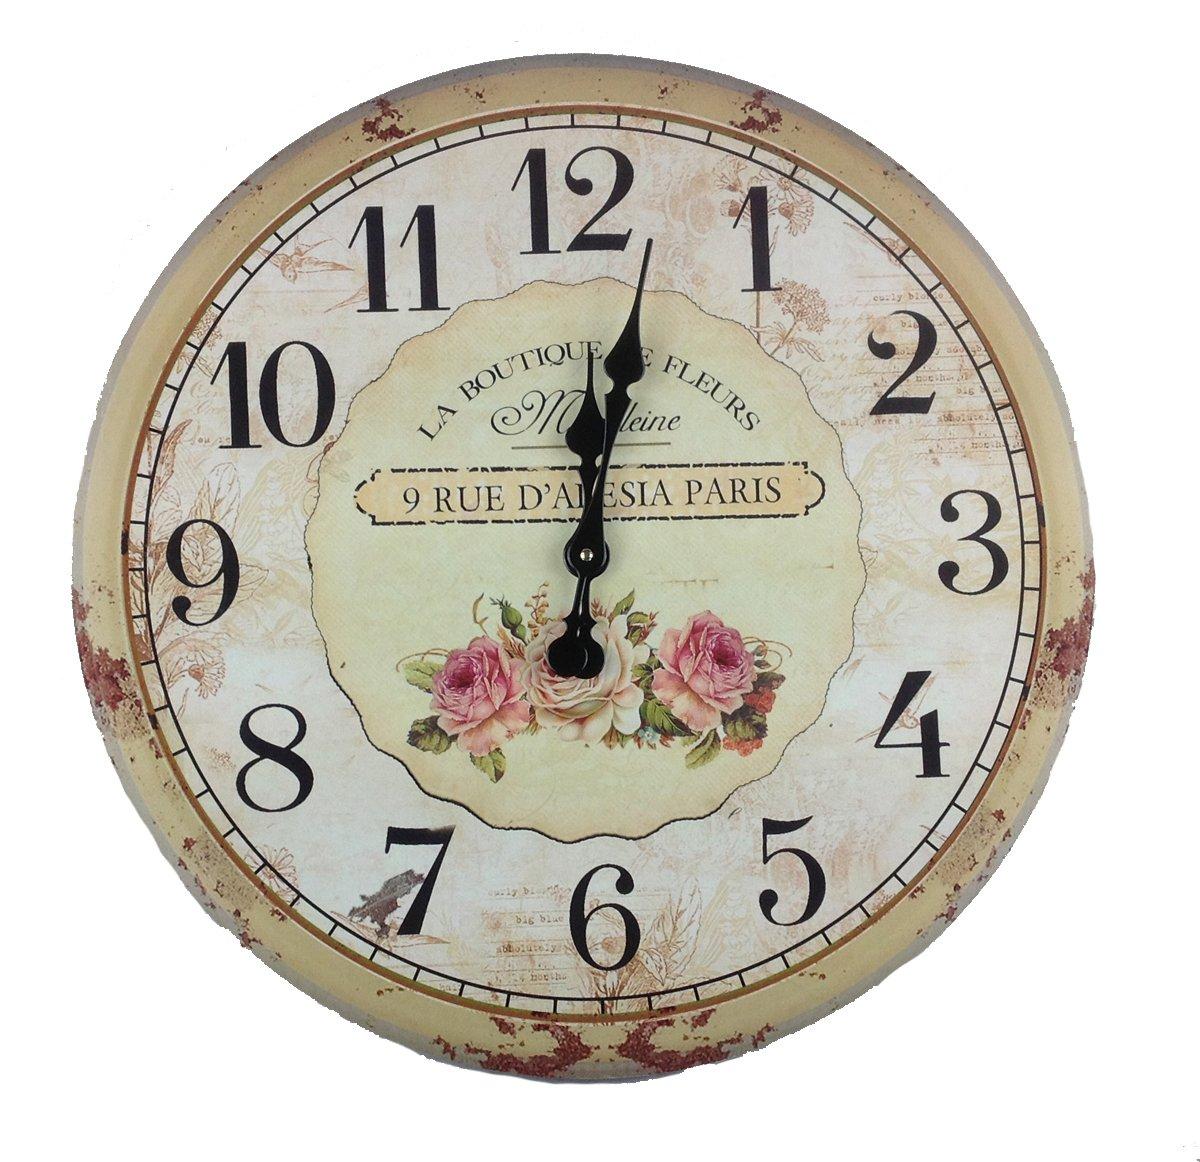 Orologio da parete orologio in legno 60 cm casa di for Orologio legno amazon